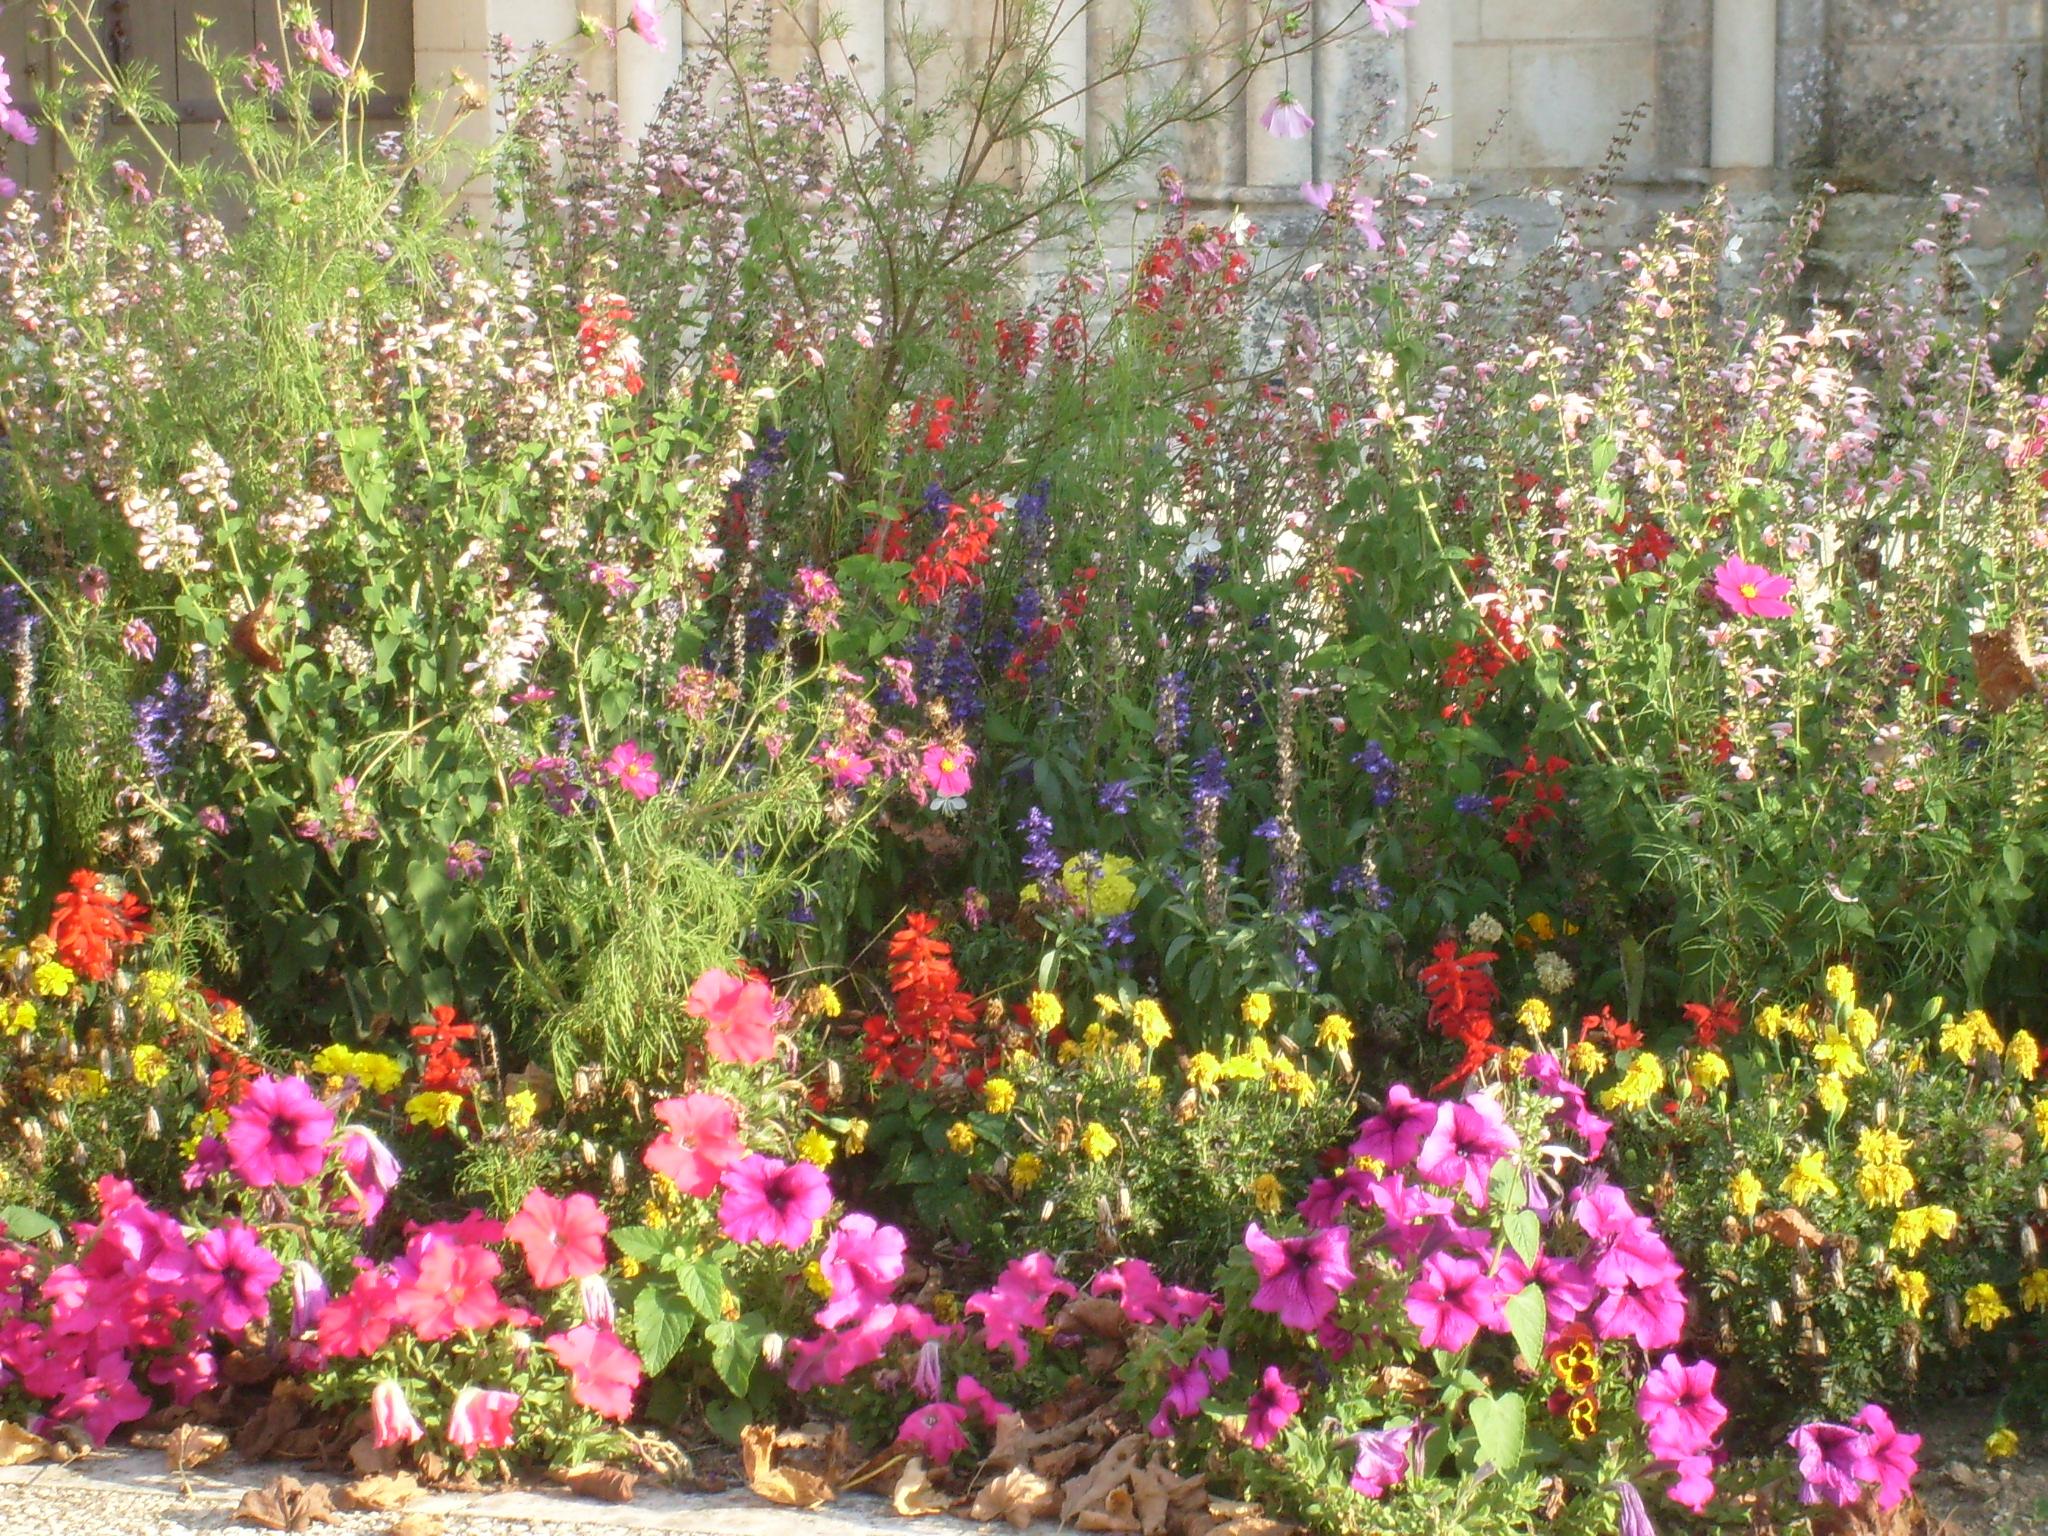 Image De Parterre De Fleurs file:parterre de fleurs à tesson - panoramio - wikimedia